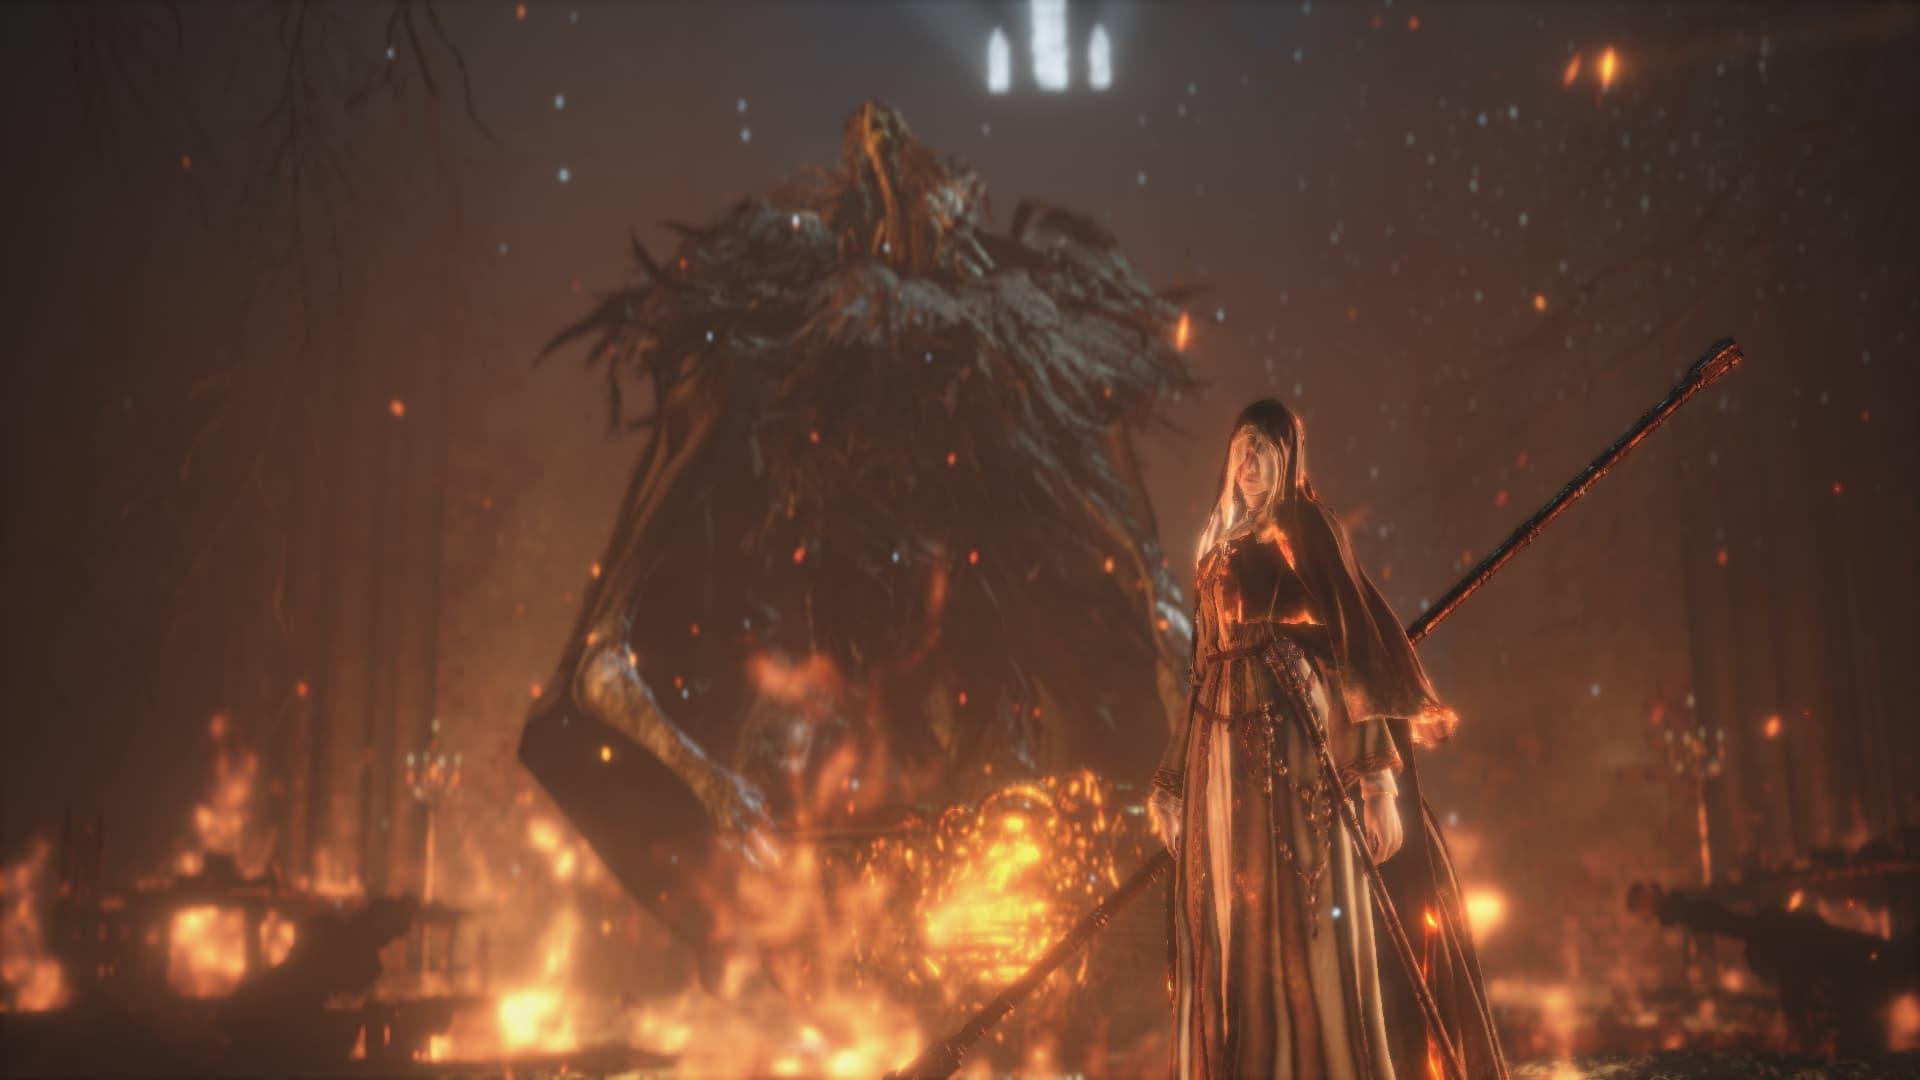 Xbox One Dark Souls III: Ashes of Ariandel